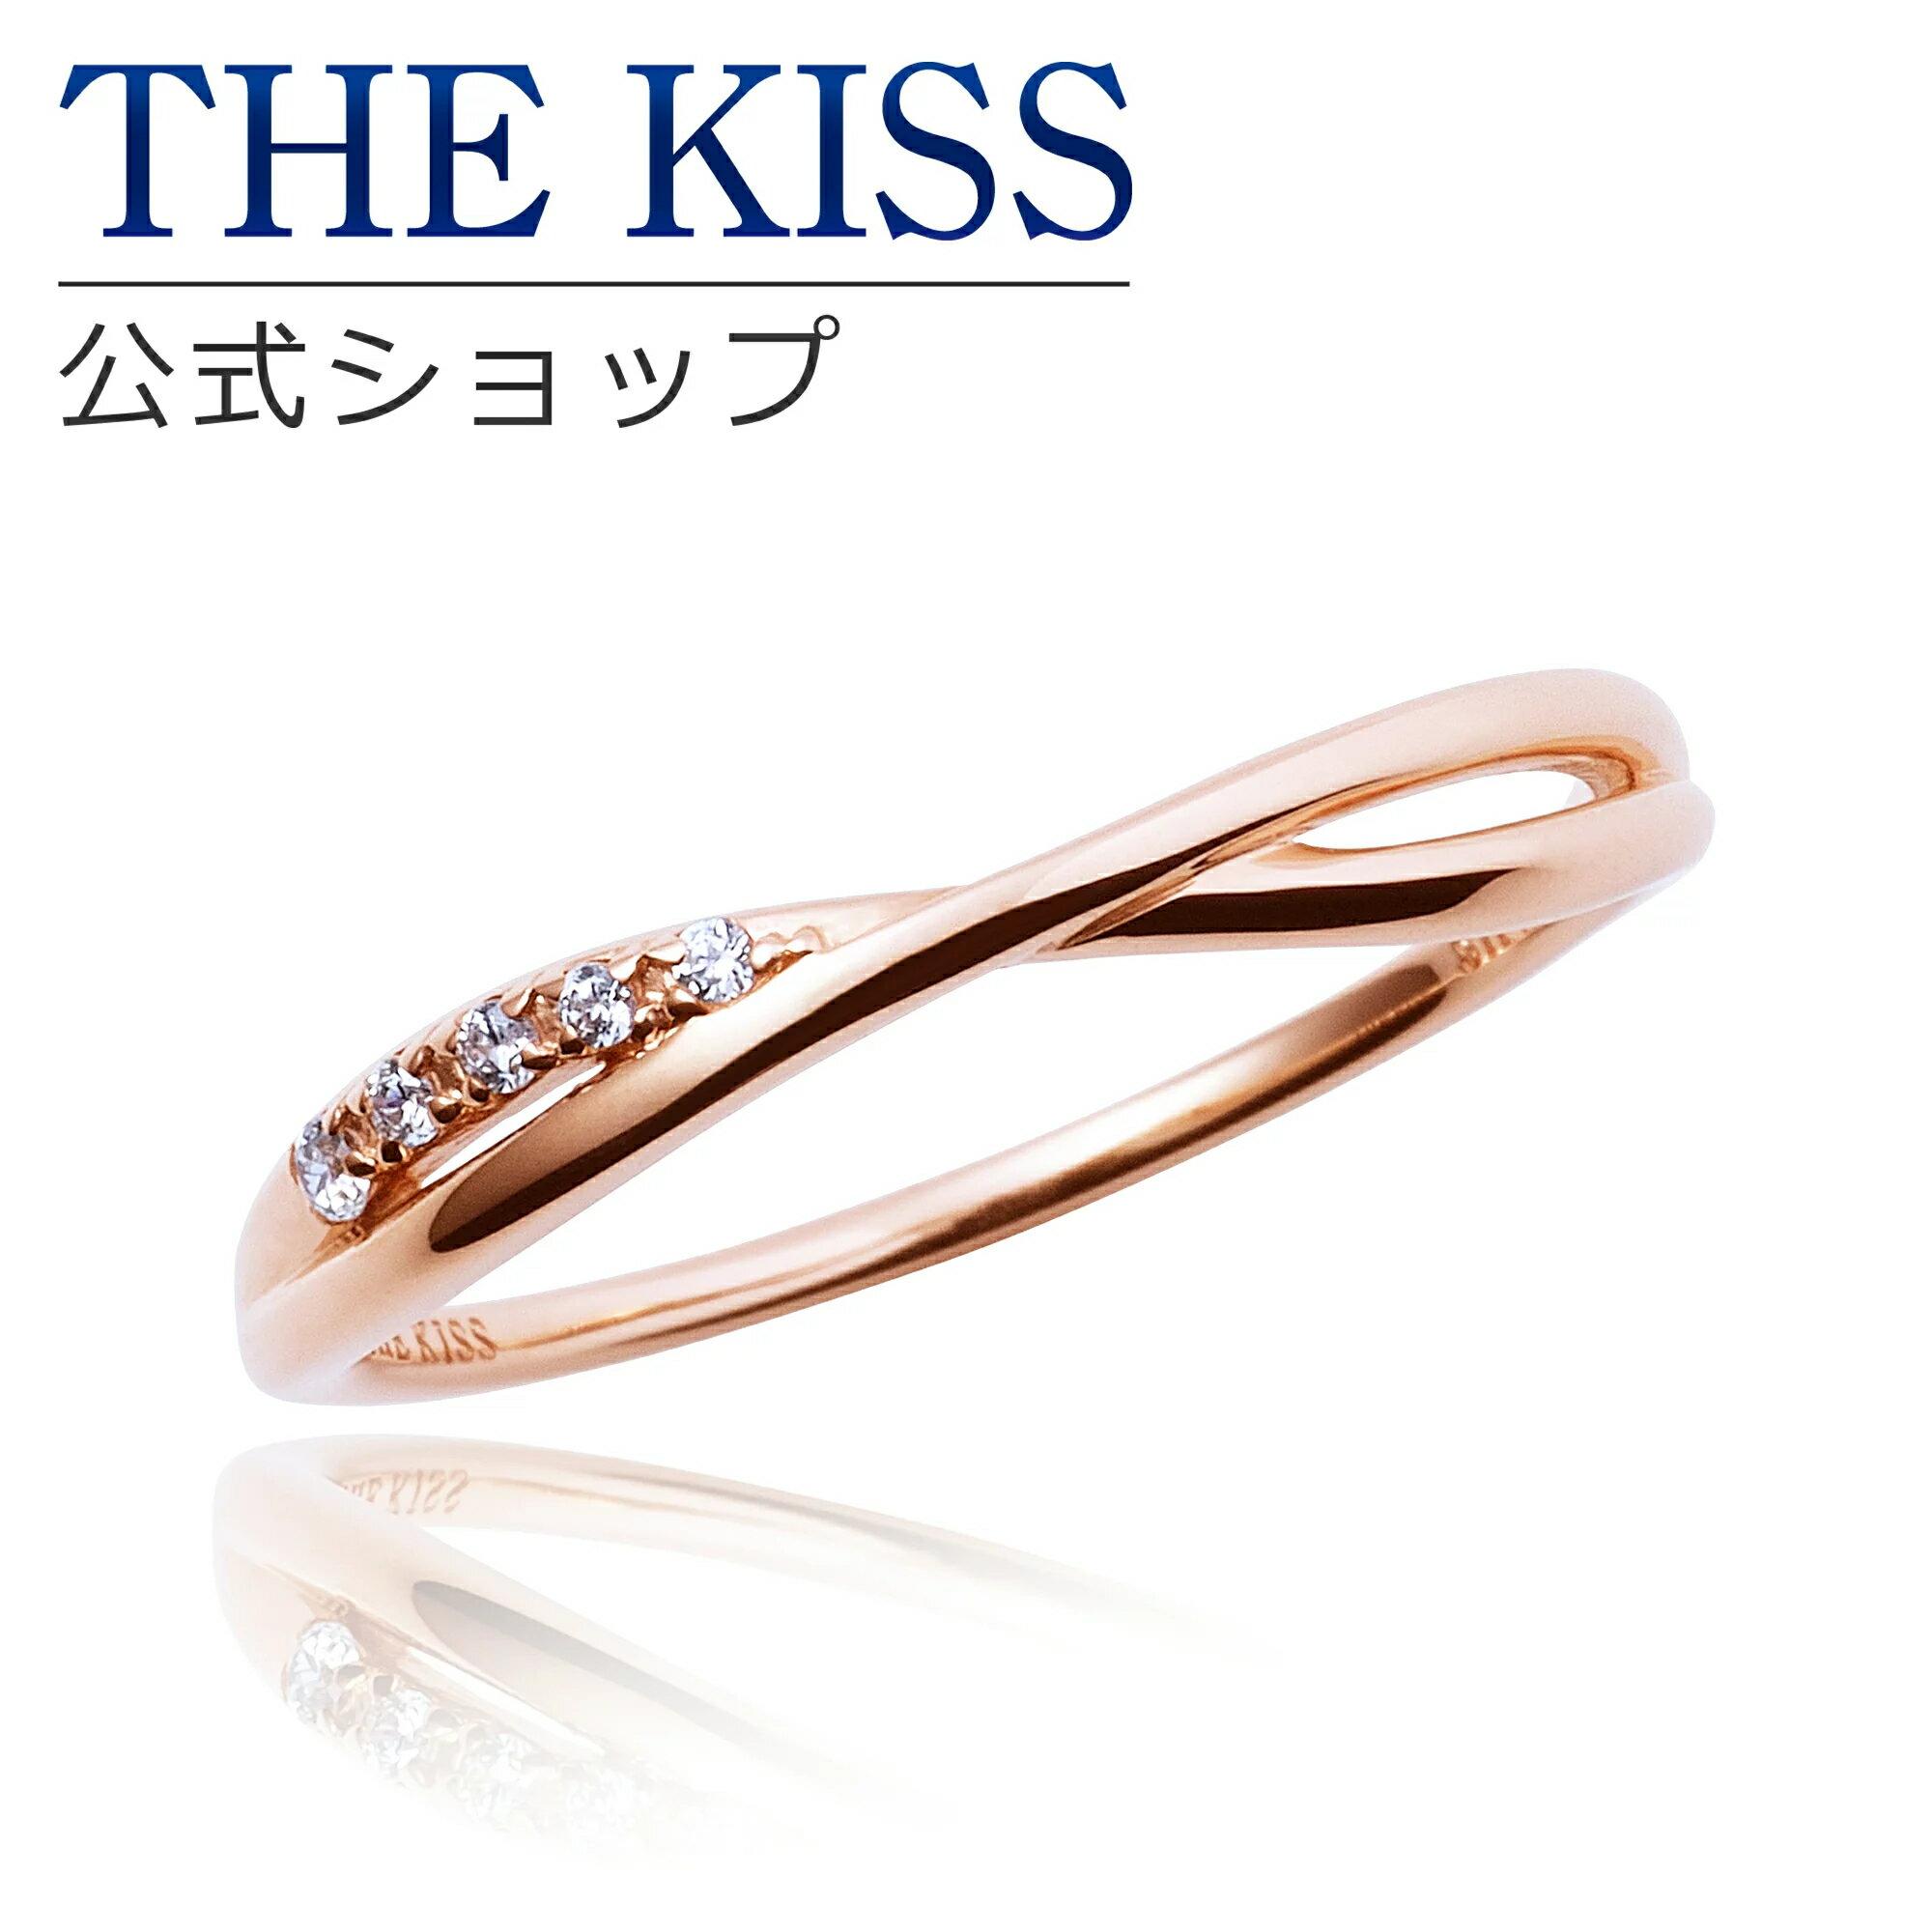 【あす楽対応】THE KISS 公式サイト シルバー リング ( レディース ) レディースジュエリー・アクセサリー スワロフスキージルコニア ジュエリーブランド THEKISS リング・指輪 記念日 プレゼント SR2017CB ザキス 【送料無料】